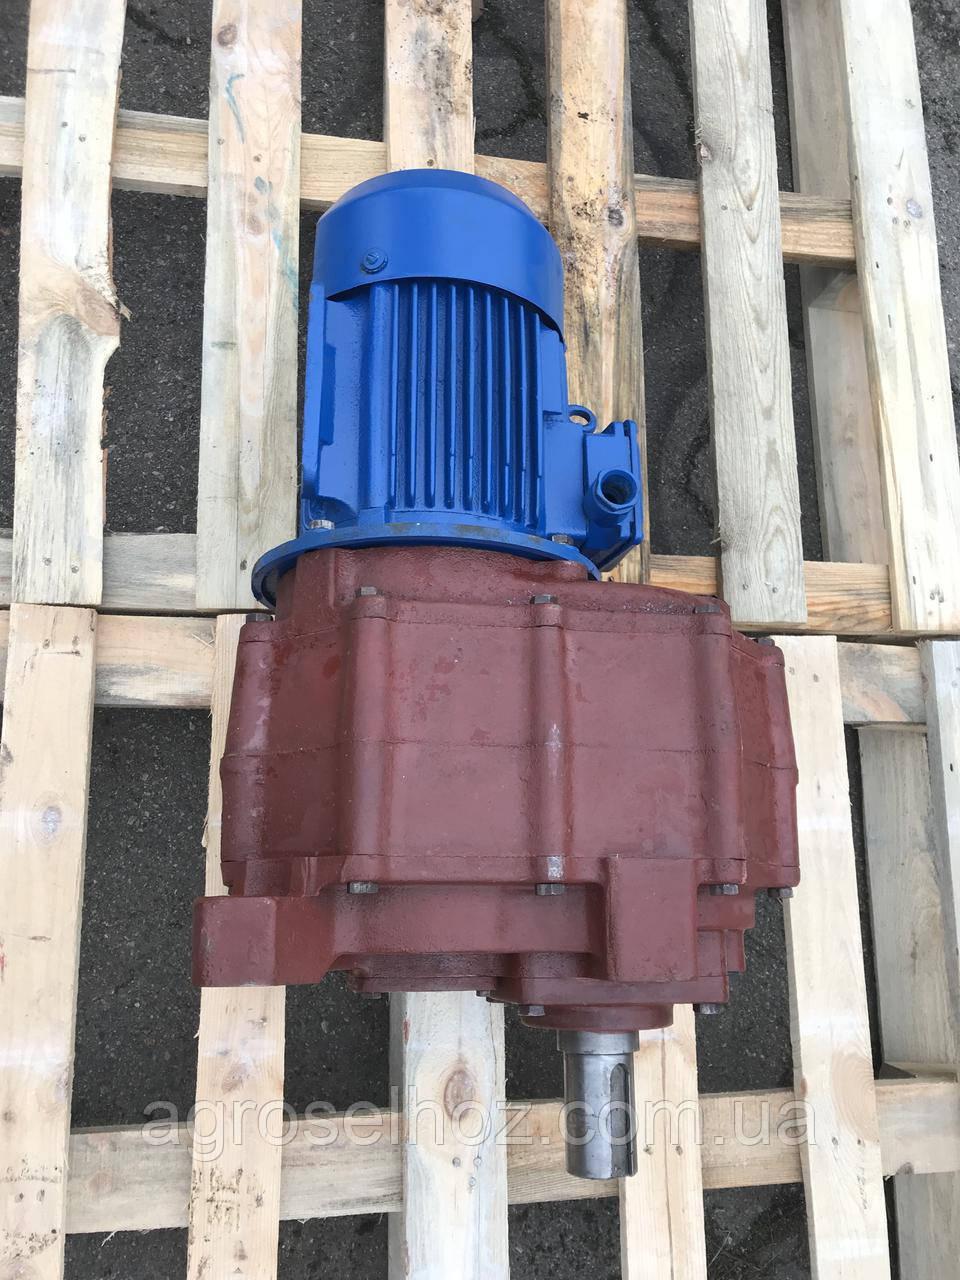 Мотор редукторы для транспортера руководство по эксплуатации скребкового конвейера